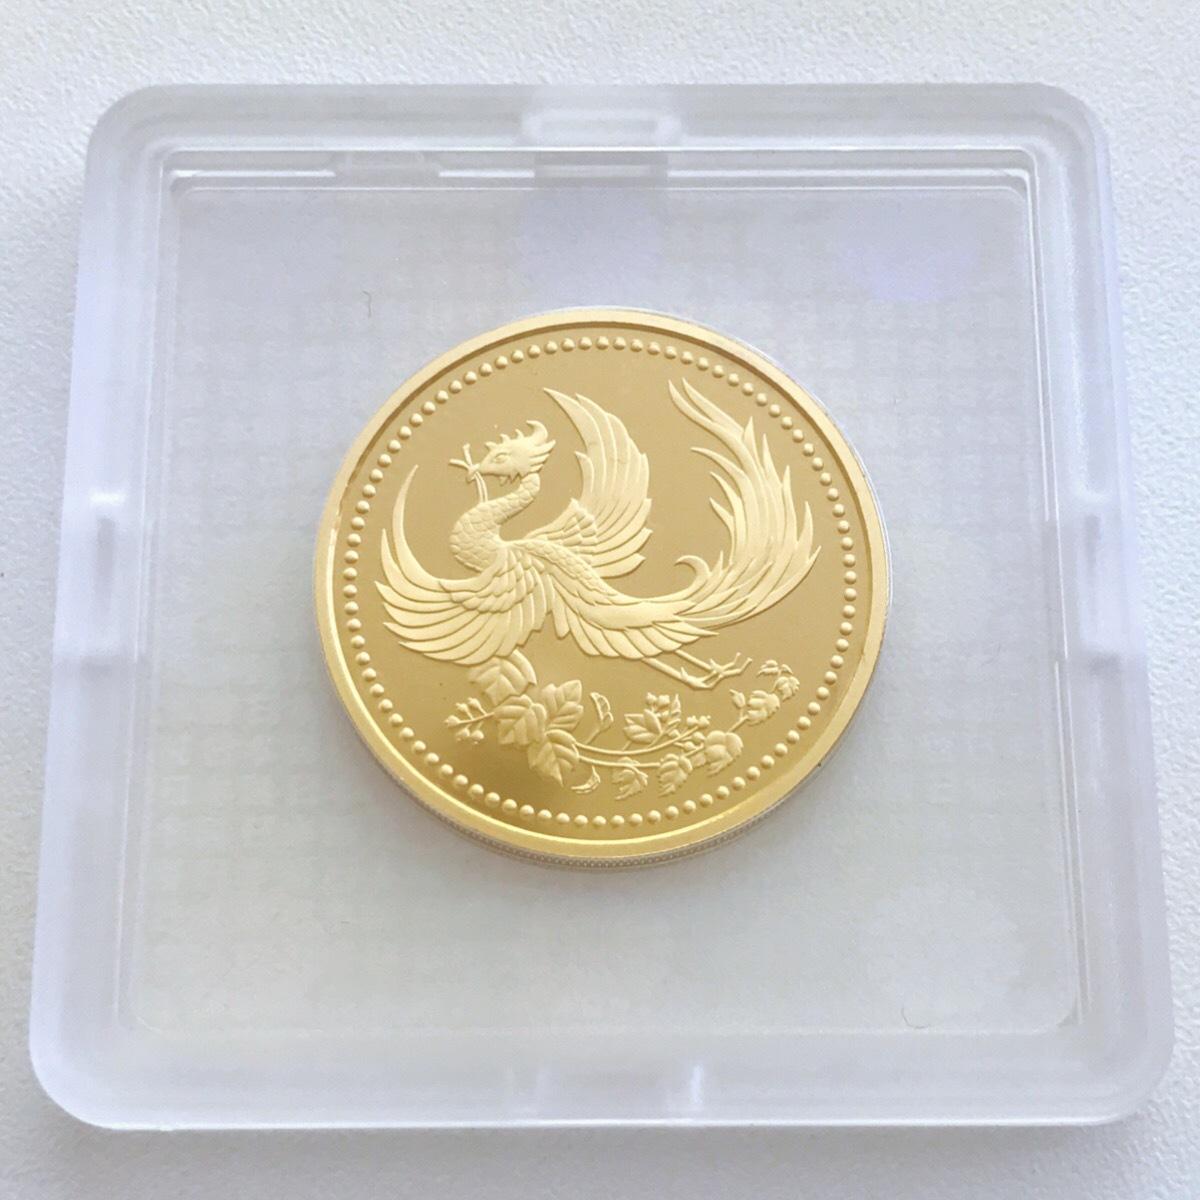 天皇陛下御在位10年記念 ◆ 1万円金貨 500円白銅貨 ◆ プルーフ 貨幣セット ◆ 平成11年 箱・ケース付き K24 純金 _画像3